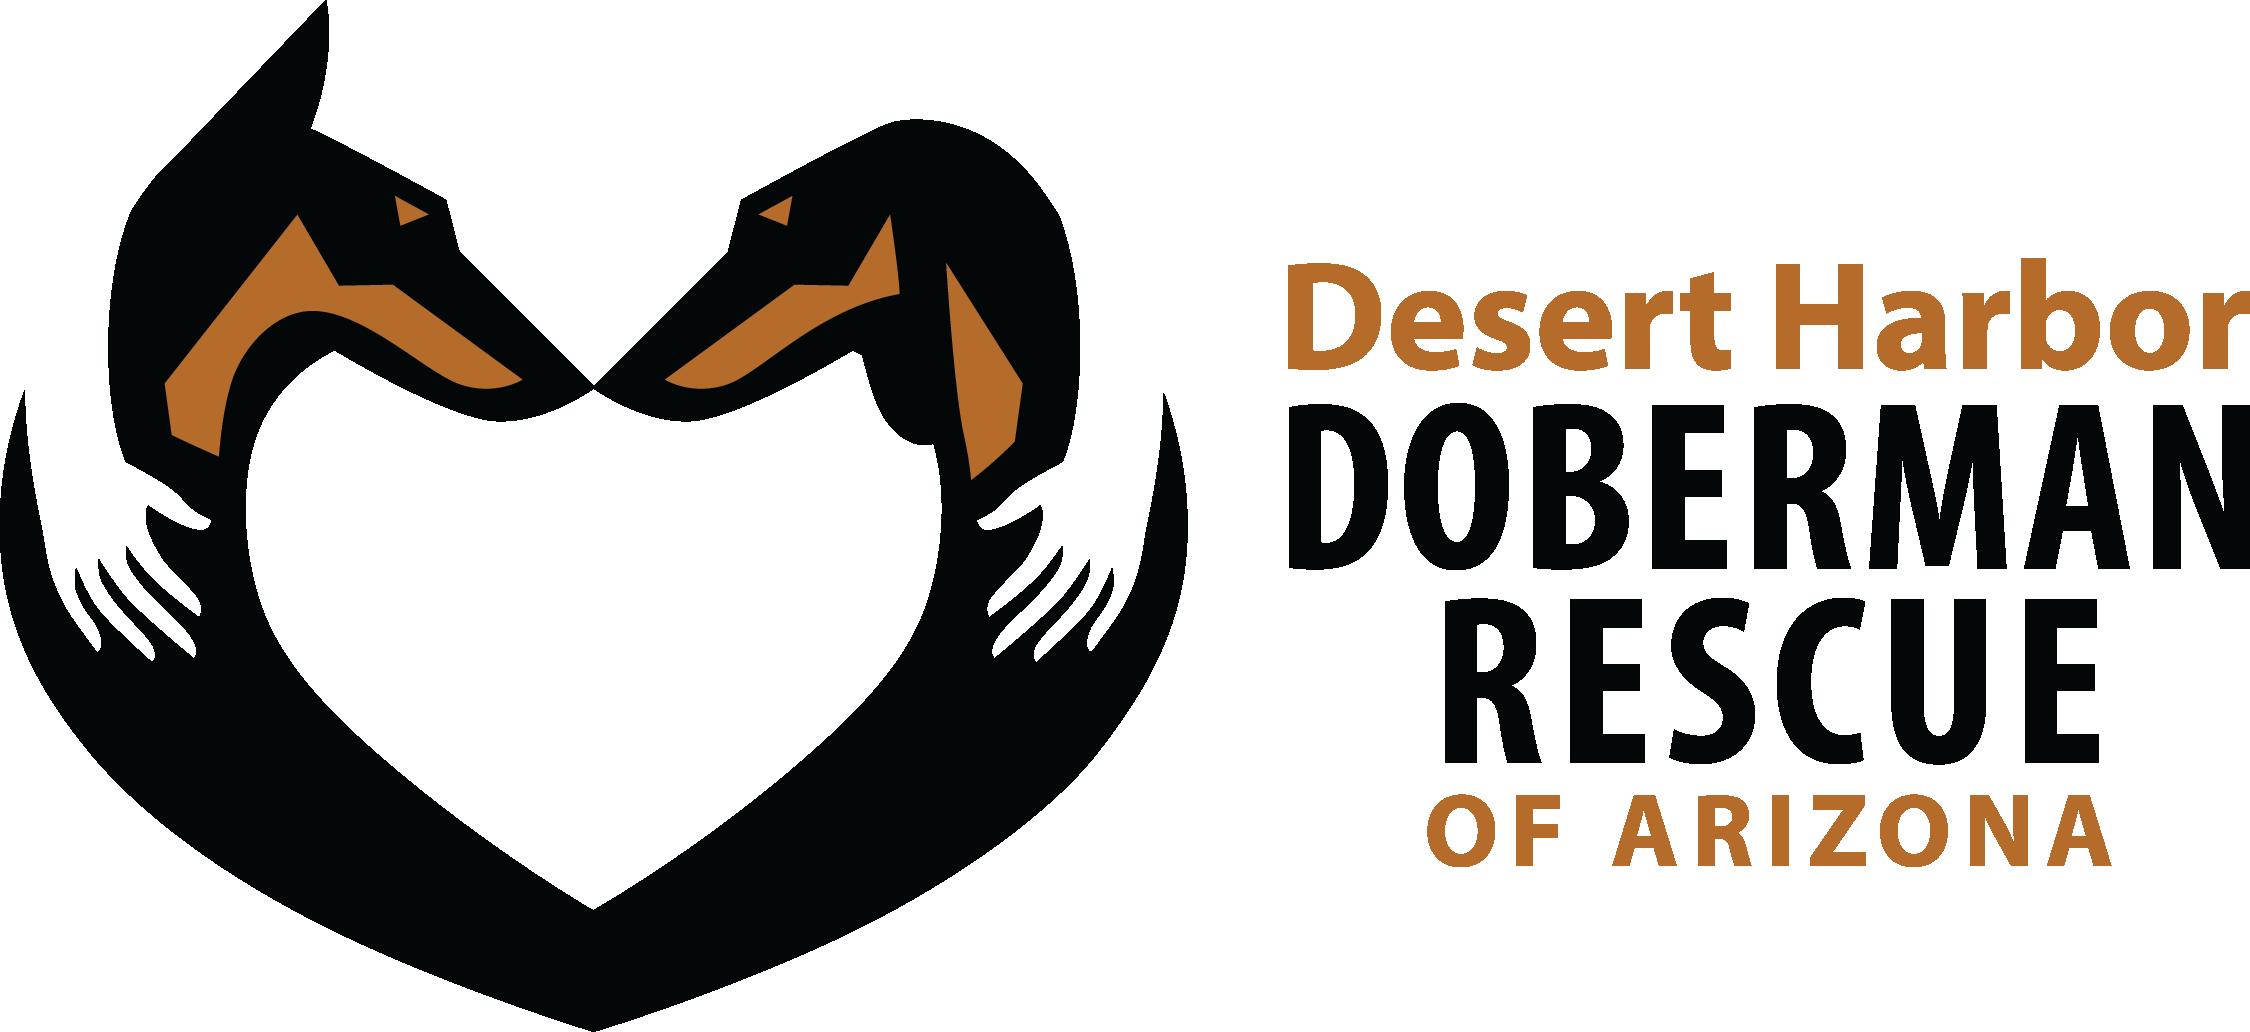 Desert Harbor Doberman Rescue